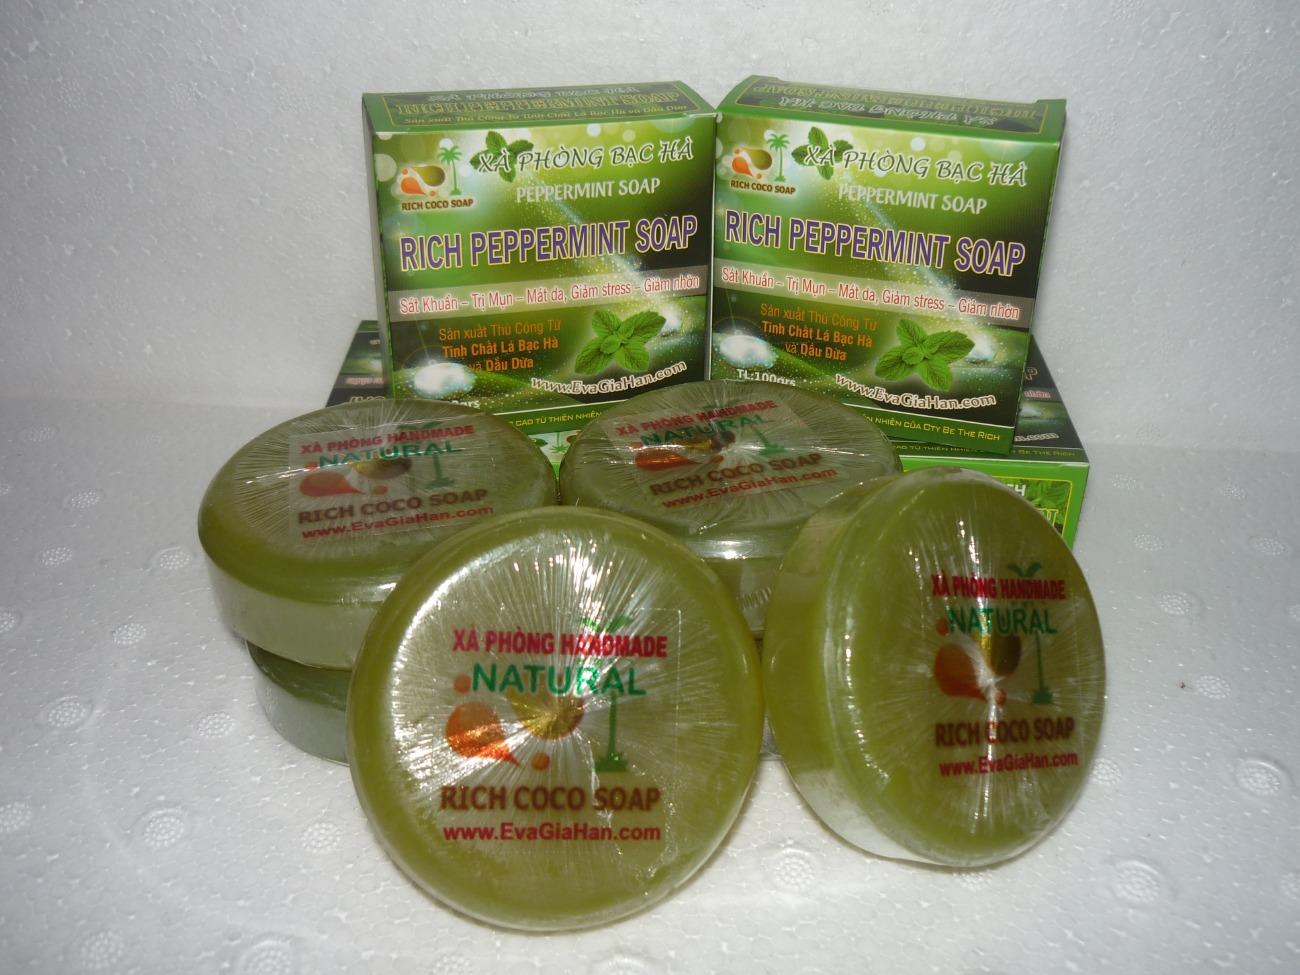 Sản xuất xà phòng handmade cần những nguyên liệu nào, sản xuất xà phòng cục tại TPHCM